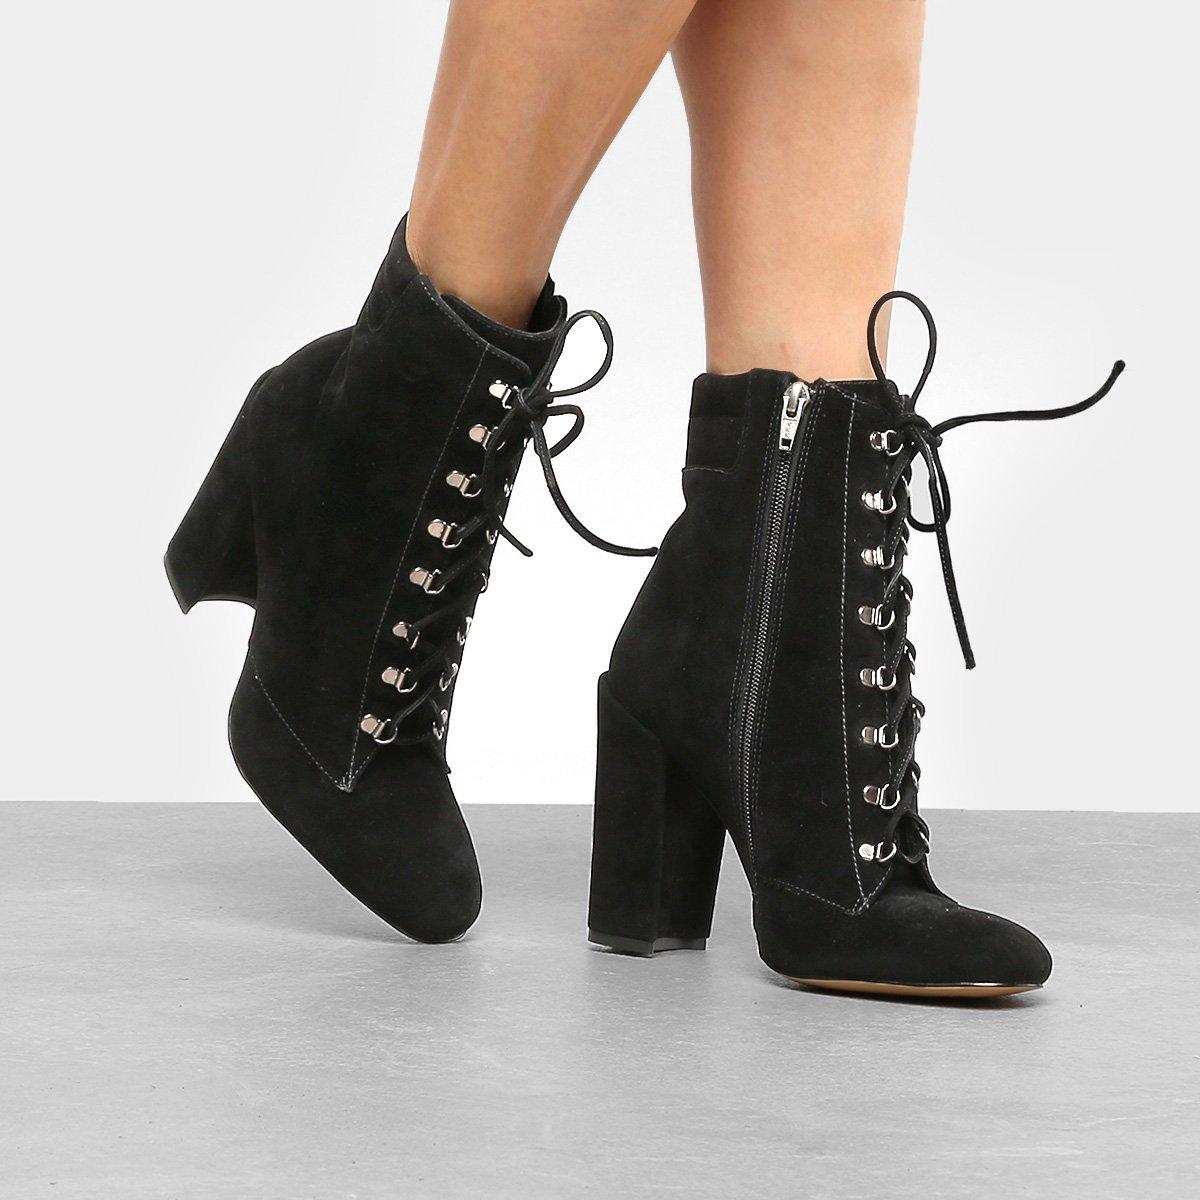 3ae6cc3f73 bota de salto alto luxo bota feminino meia pata cadarço 501. Carregando zoom.  bota feminina cano curto ...